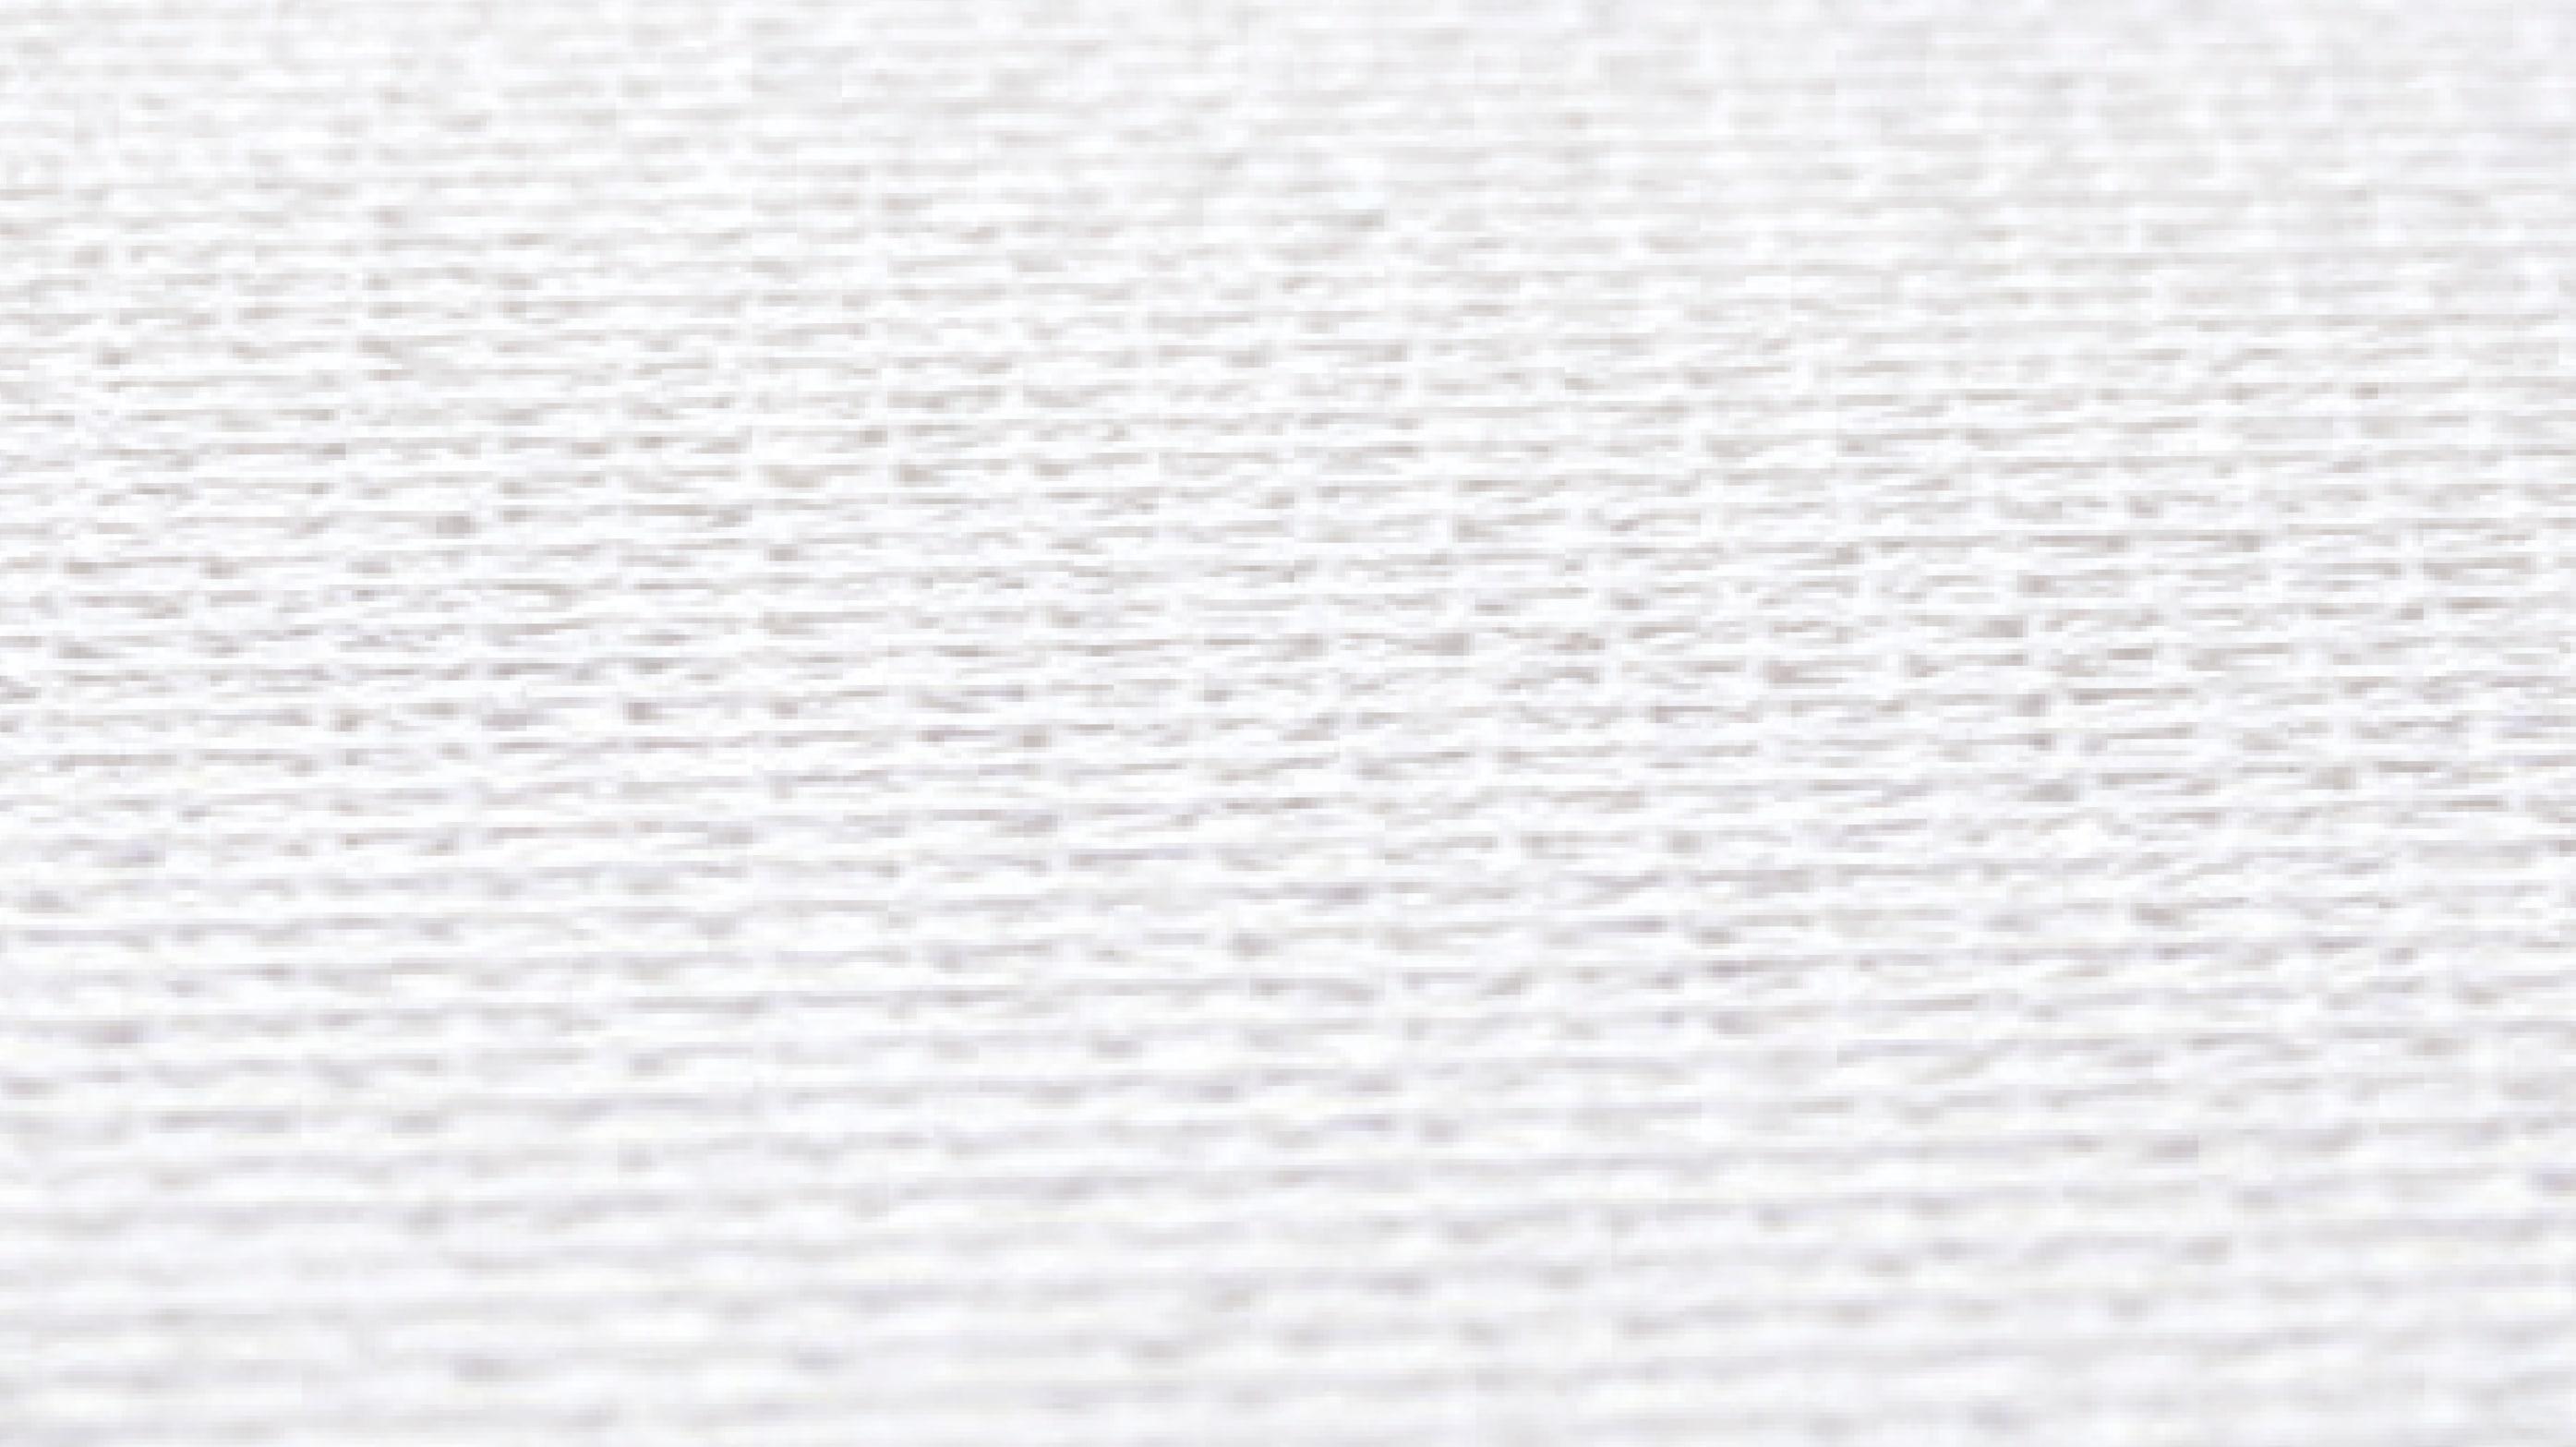 Hintergrund Gewebe Spanndecken Clipso Blog Titelbild Gewebeverkleidungen